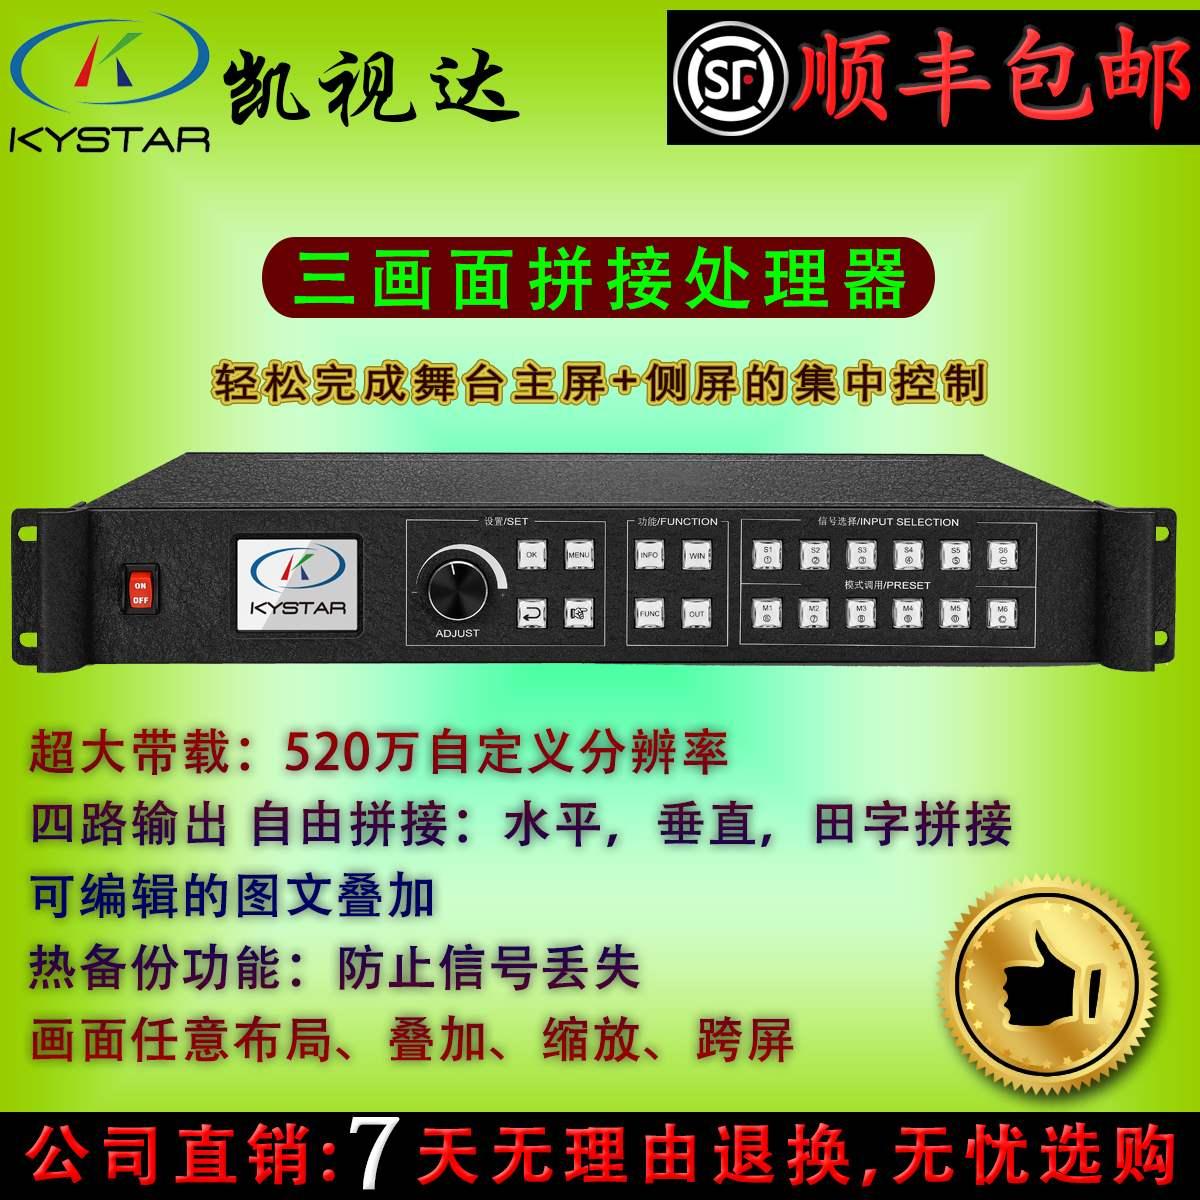 画面拼接920凯视达全彩led处理器plus三显示4k输出超高信价比